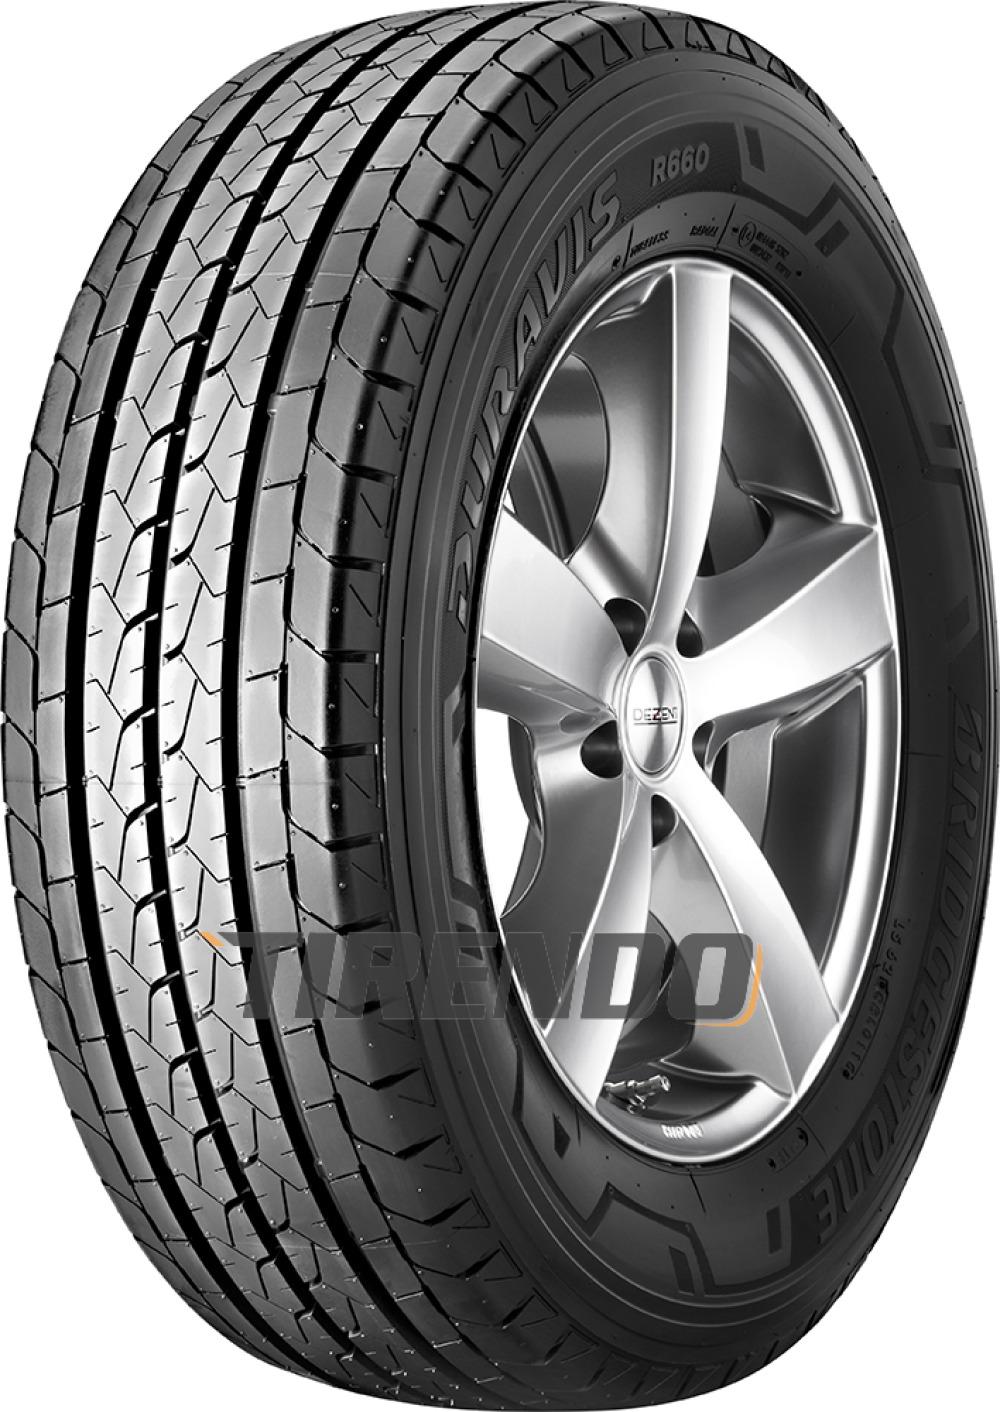 Bridgestone Duravis R660 ( 205/70 R15C 106/104R )